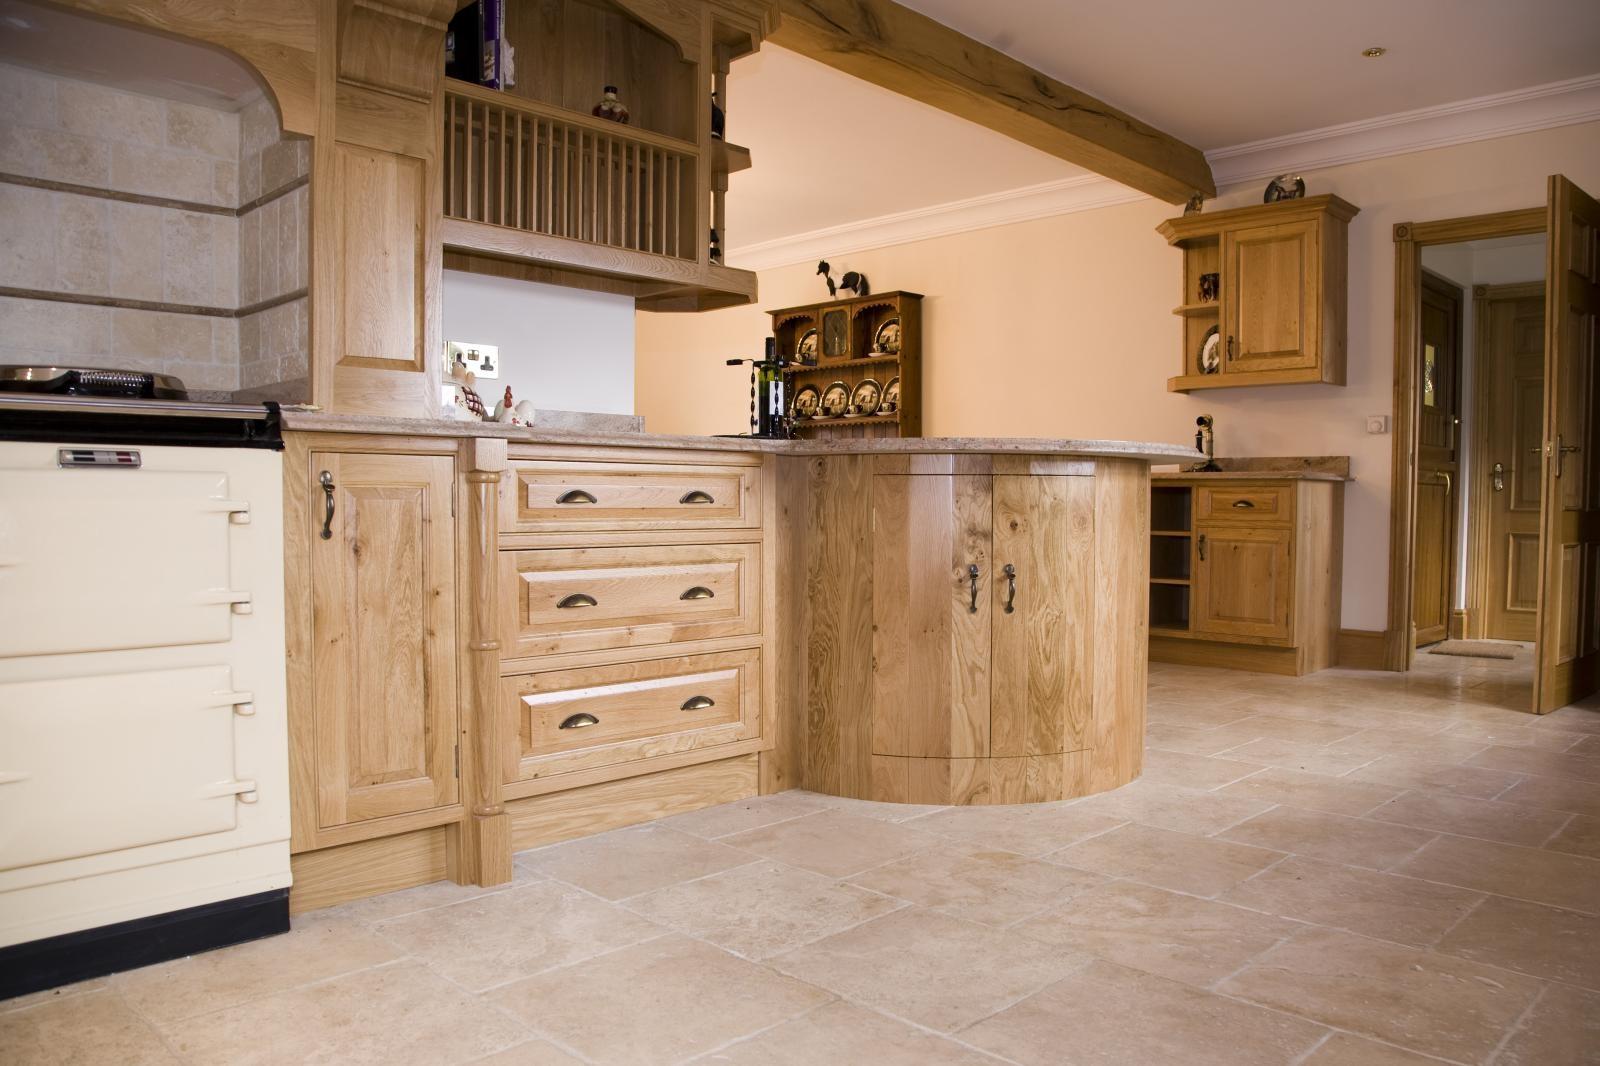 Oak Kitchen Bristol - Mark Stones Welsh Kitchens - bespoke kitchens ...